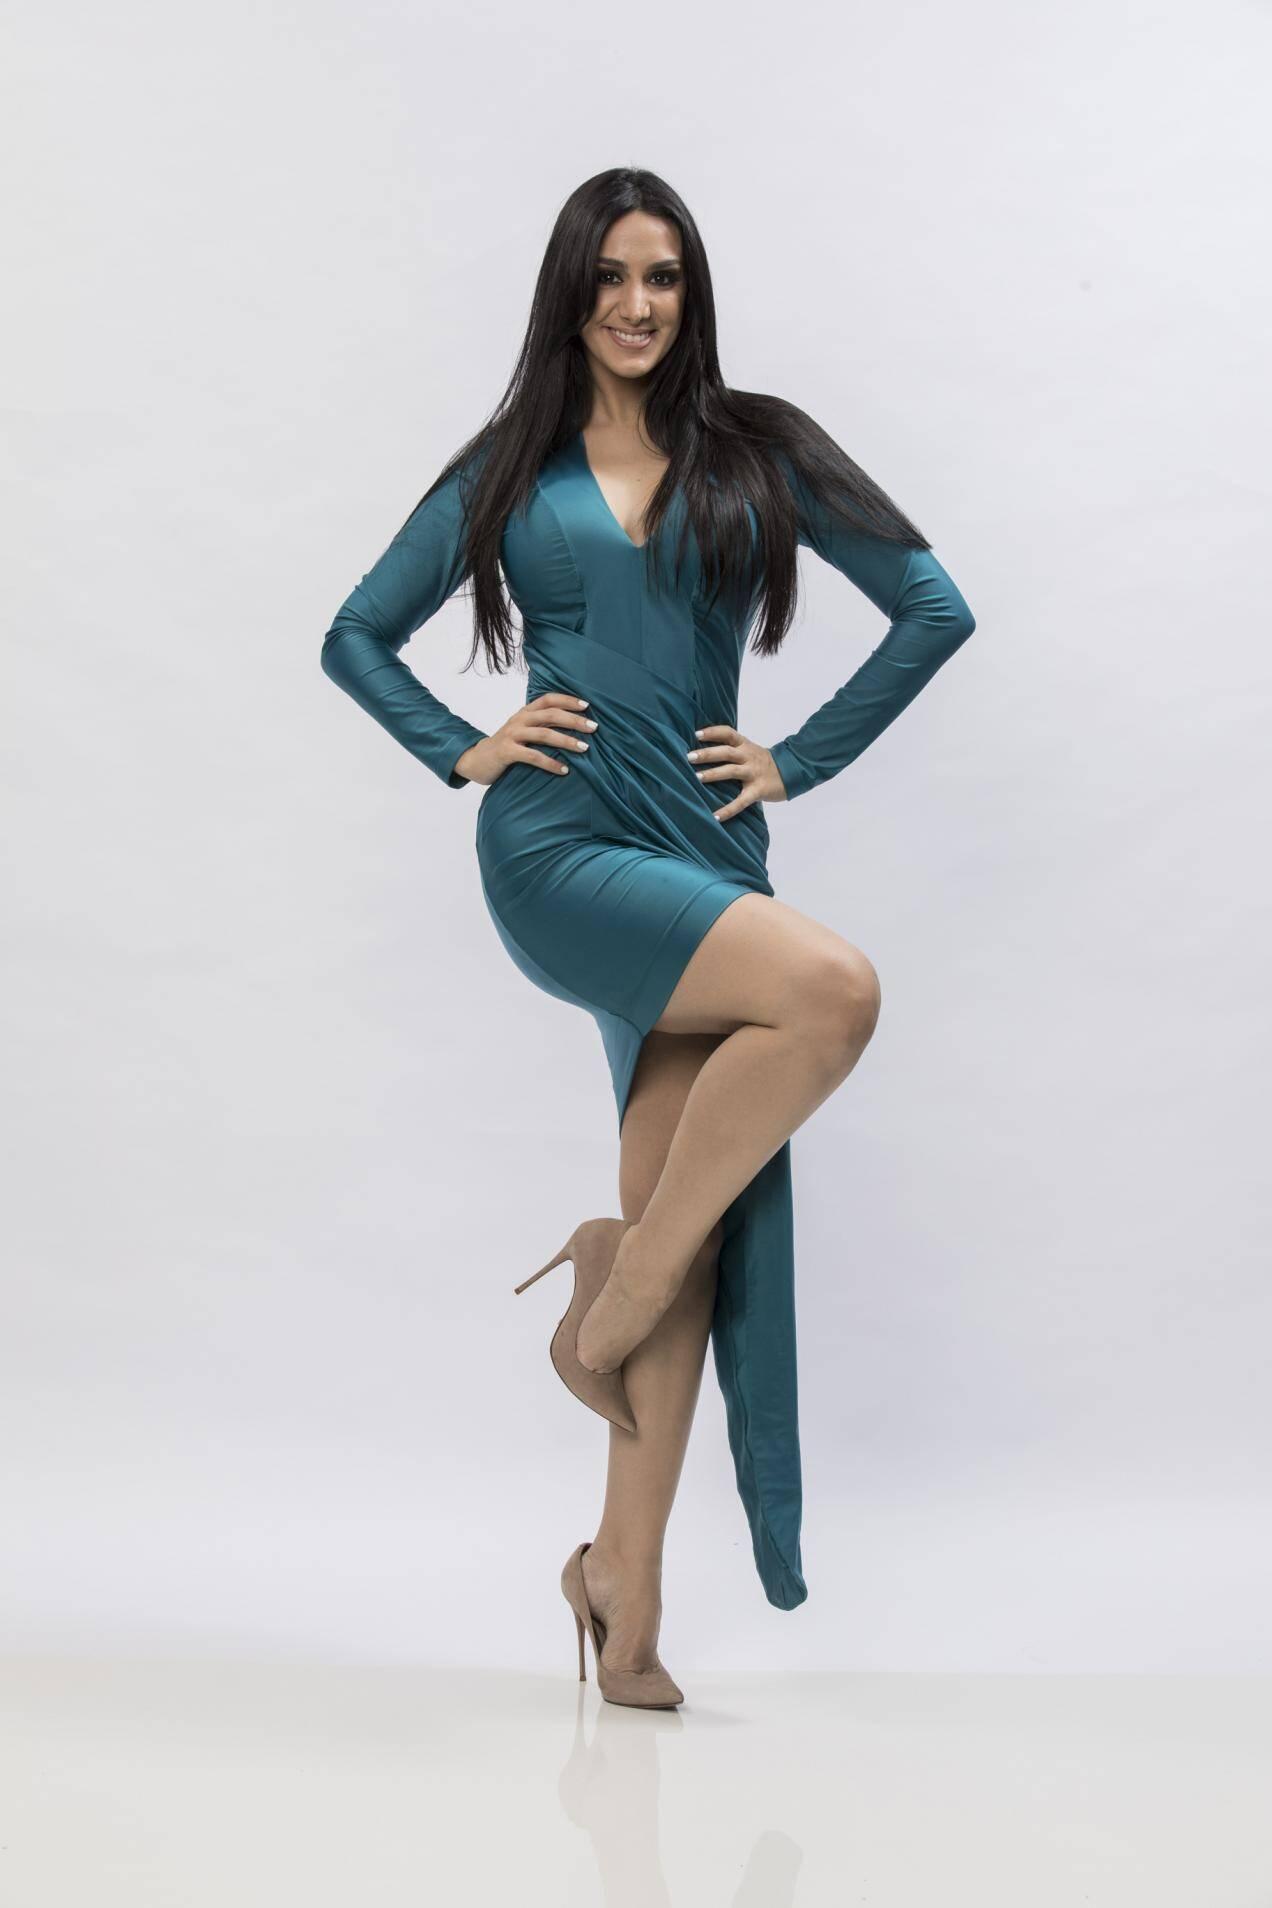 Marina Elali, cantora e compositora, 35 anos. Foto: Divulgação